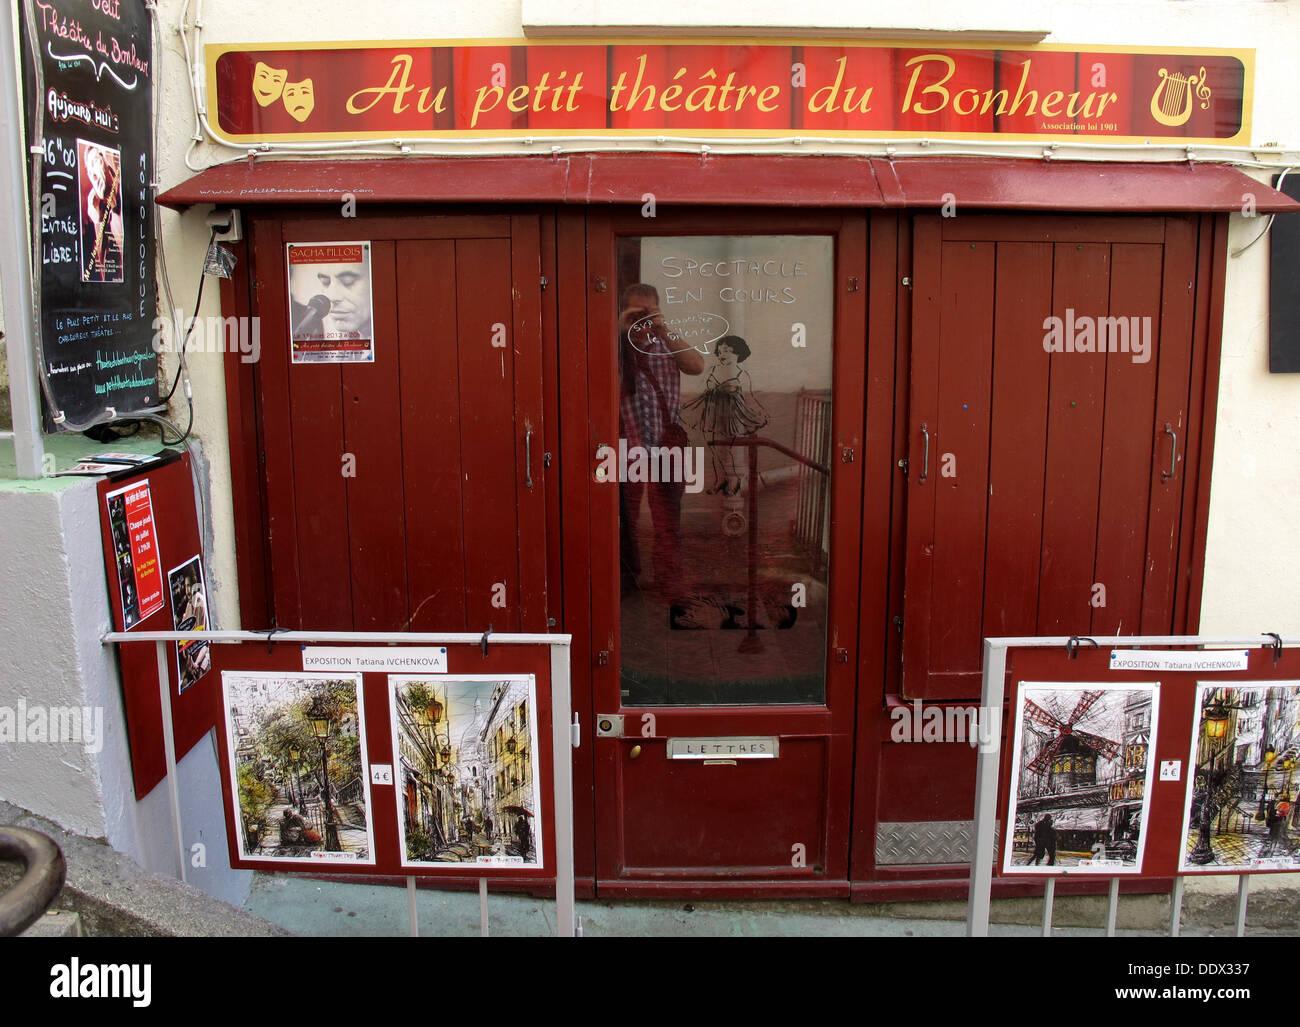 Petit theatre du bonheur rue drevet butte montmartre stock for Theatre du petit miroir